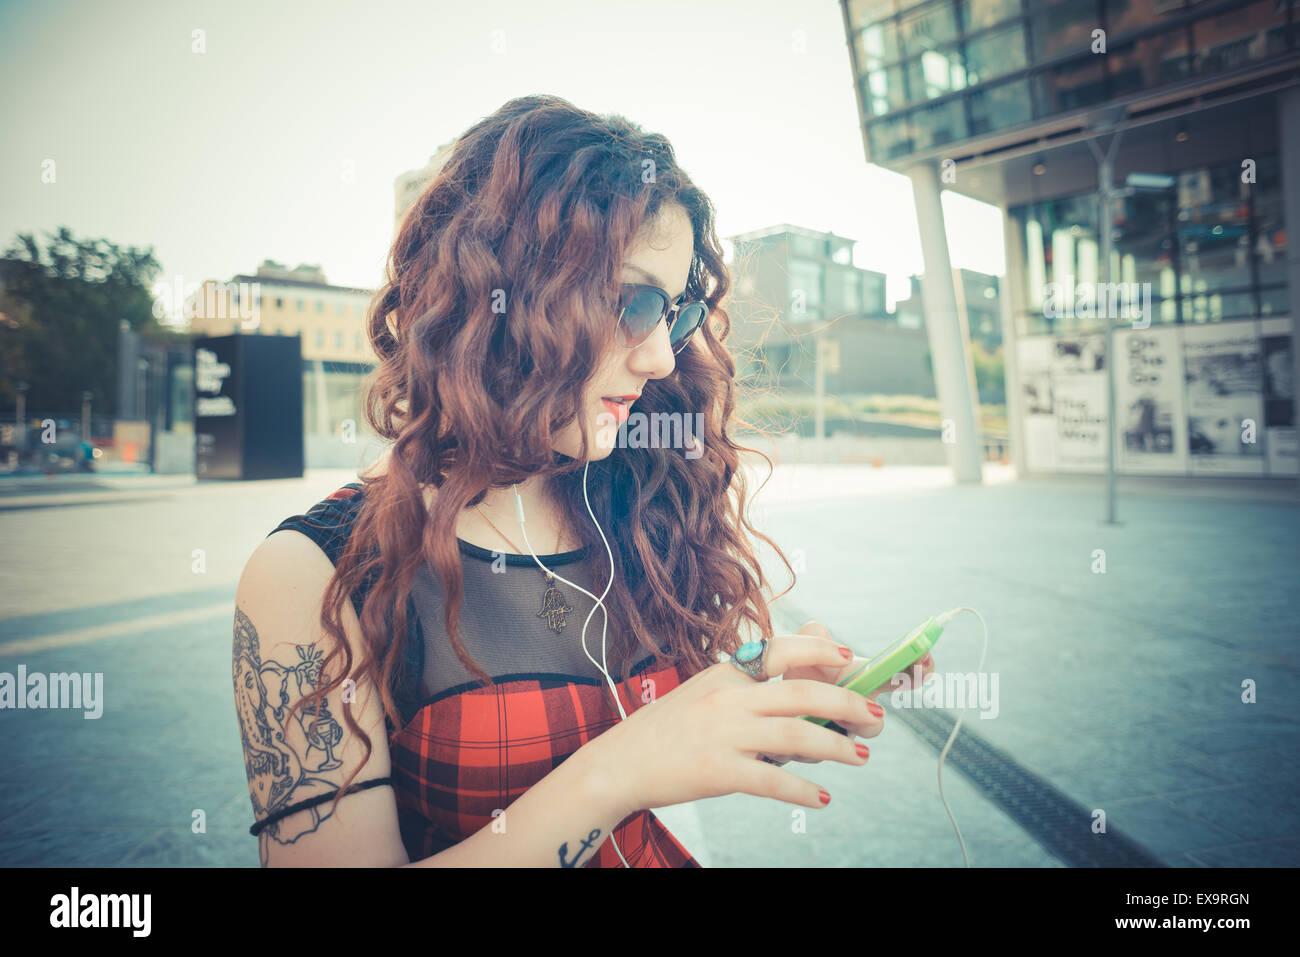 Hermosa joven hipster mujer con cabello rizado rojo escuchando música en la ciudad Imagen De Stock